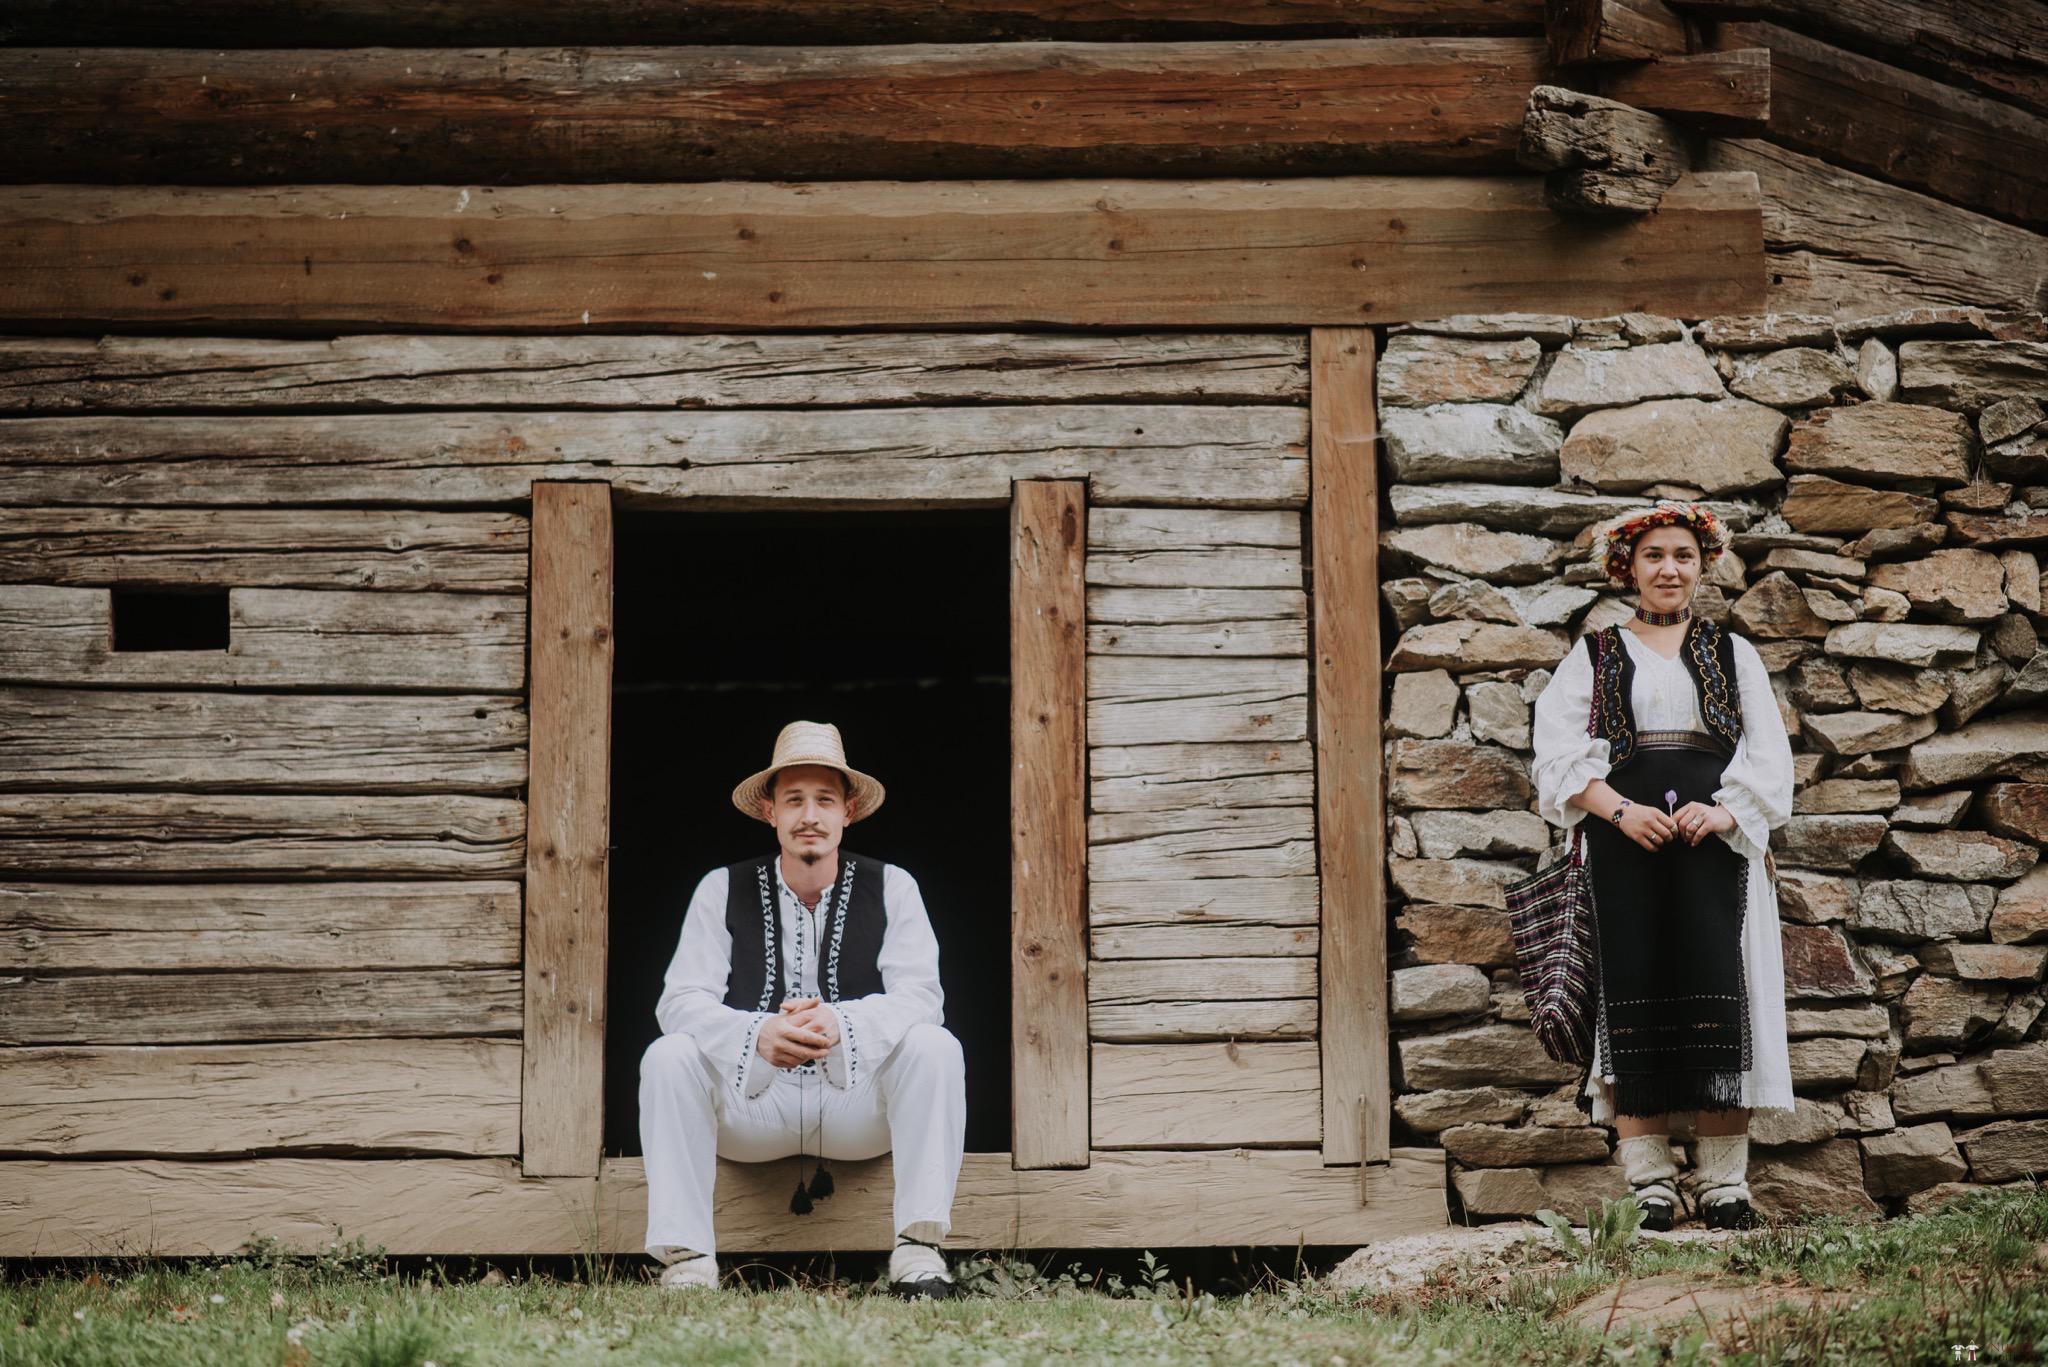 Povești Nunți Tradiționale - Silvia și Adrian. Nuntă tradițională în Ghighișeni, Bihor 107